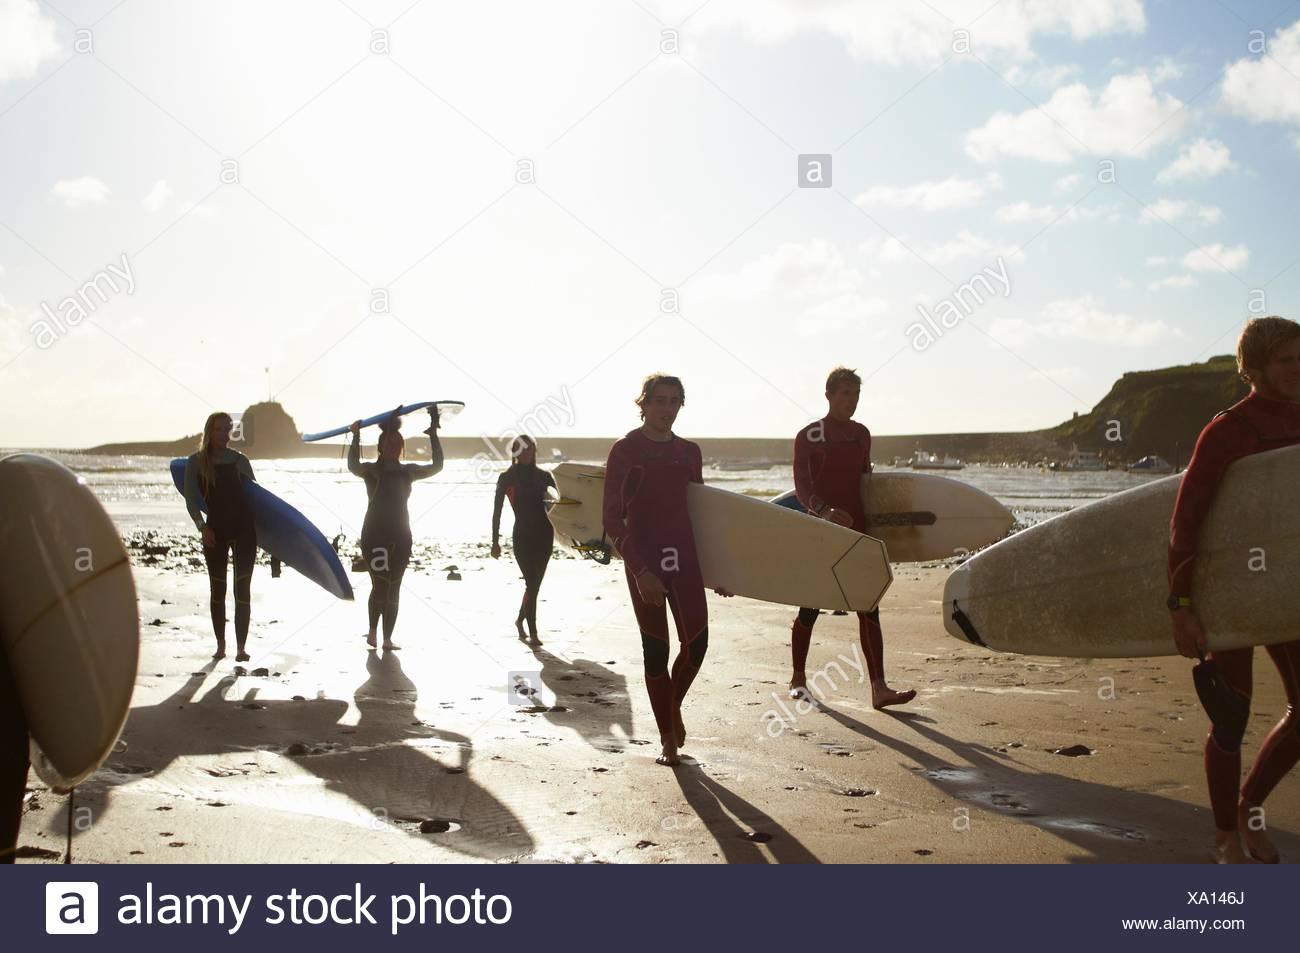 Groupe de surfeurs, walking on beach, transportant des planches Photo Stock